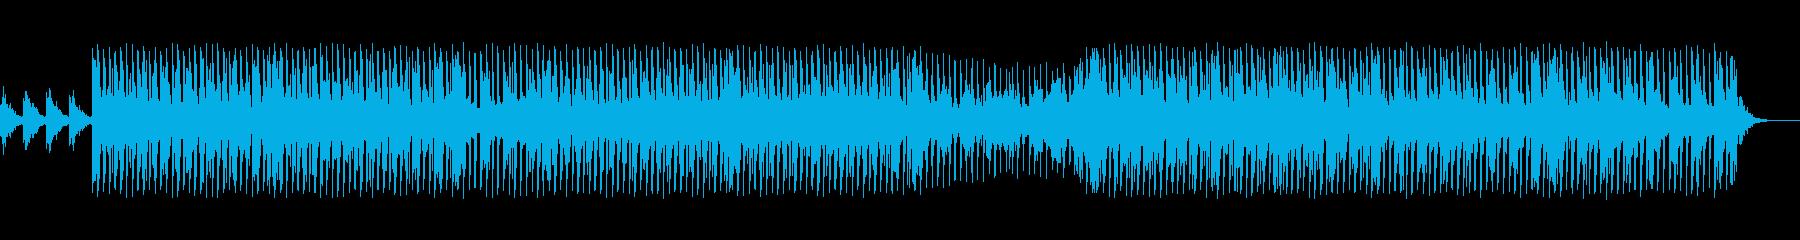 宇宙っぽい四つ打ちの再生済みの波形